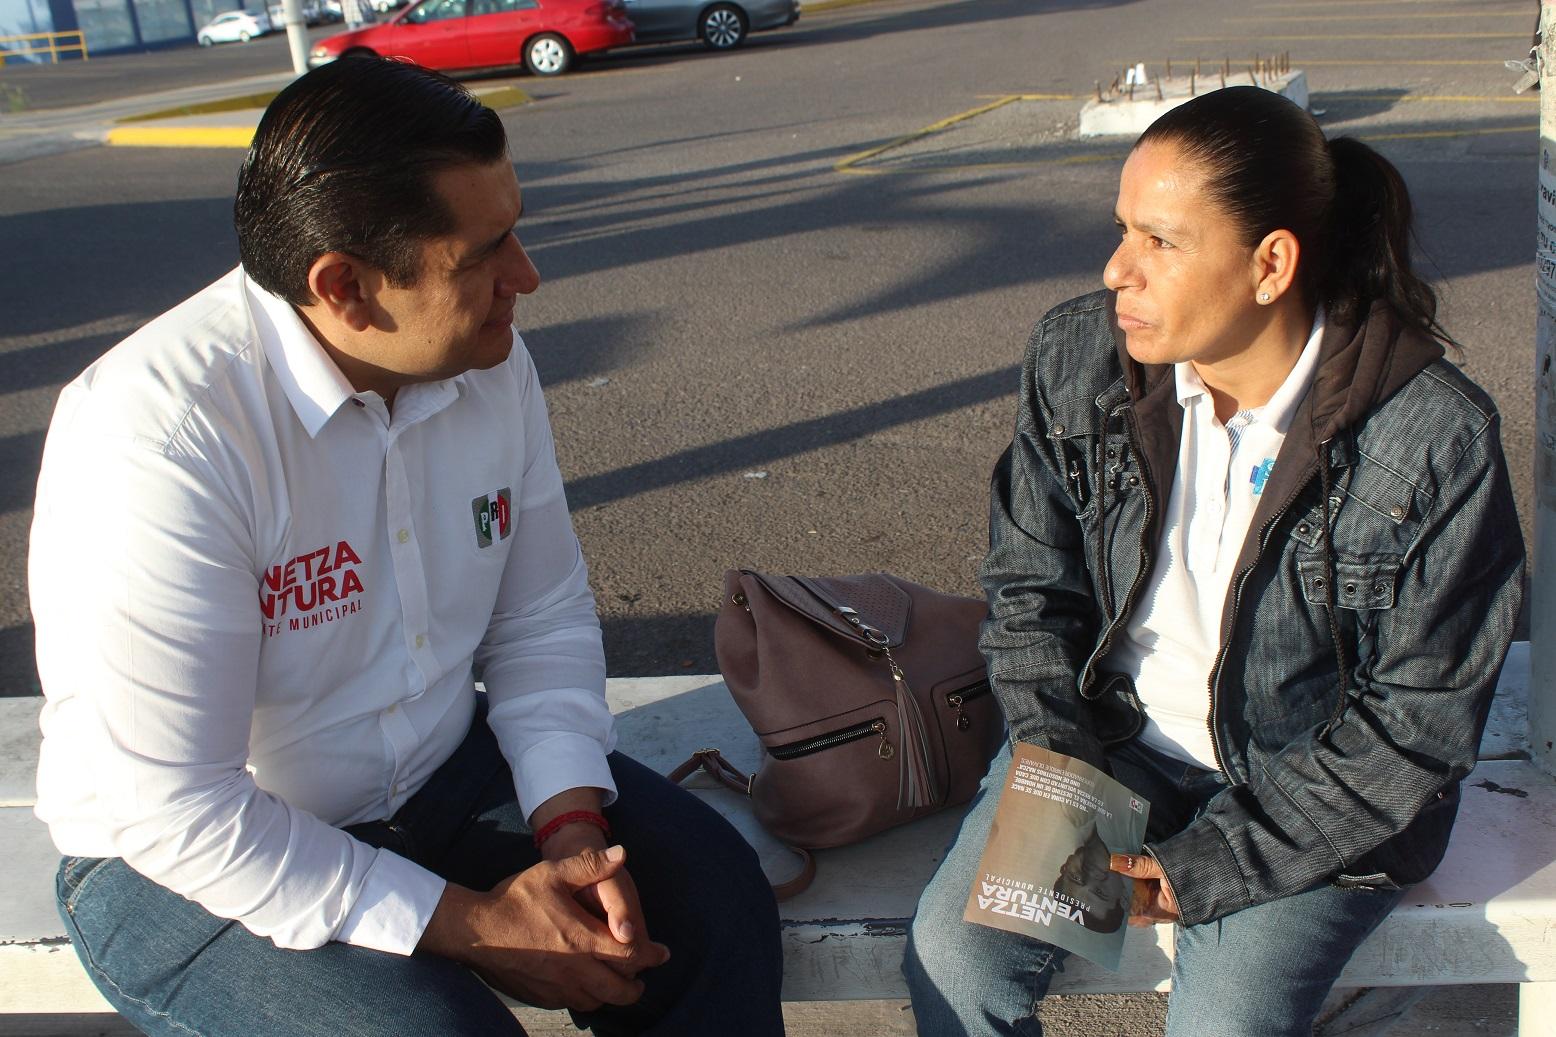 LOS PROBLEMAS COMUNES QUE ENFRENTAN LOS CIUDADANOS DE AGUASCALIENTES; UN DÍA DE CAMPAÑA DE NETZA VENTURA